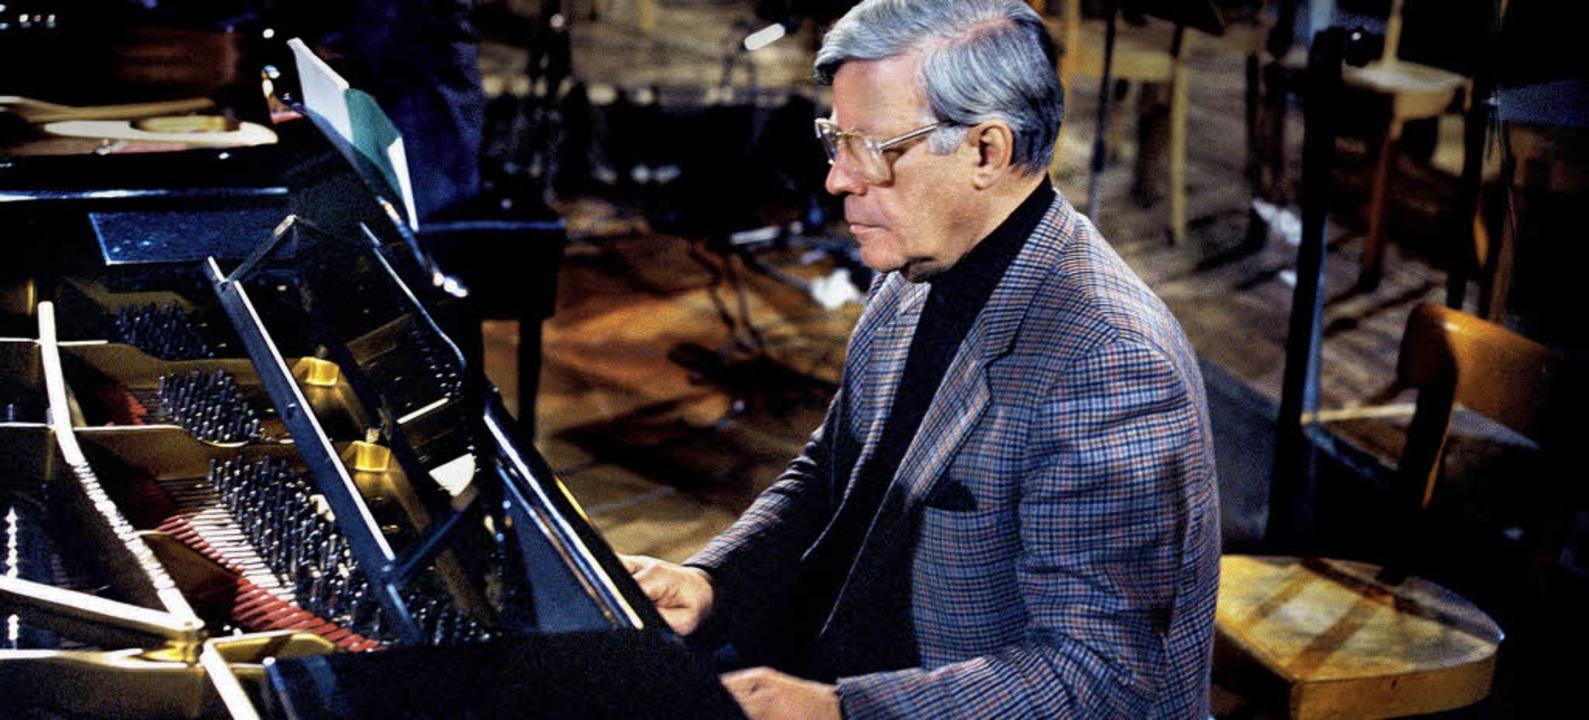 Tastenkünstler: Helmut Schmidt bei den...en von Bachs Konzert für vier Klaviere  | Foto: dg